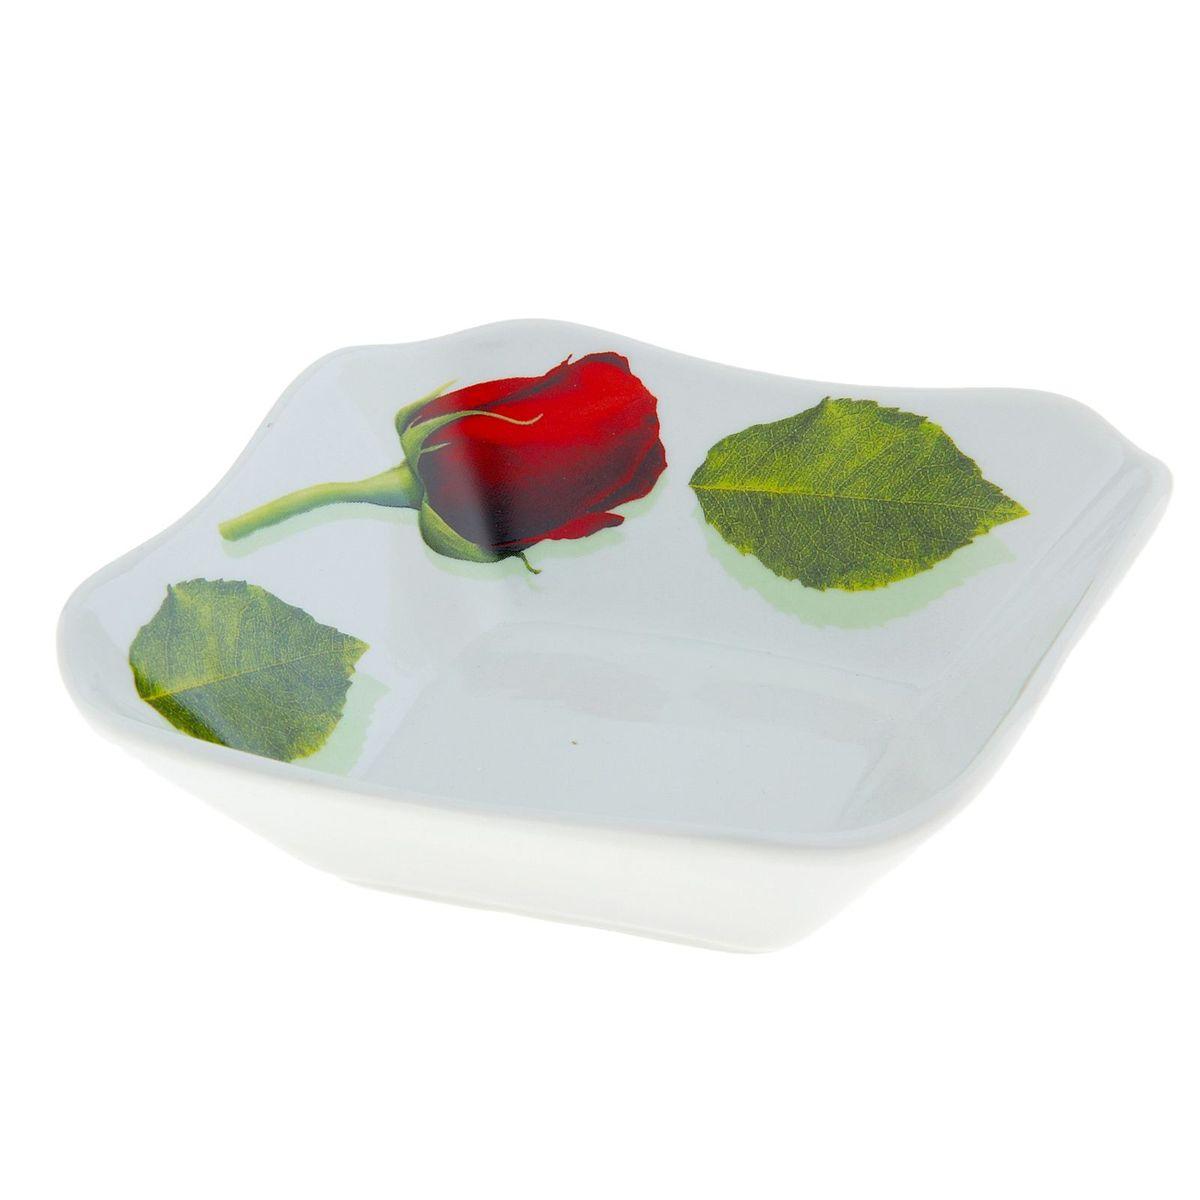 """Квадратный салатник """"Королева цветов"""", изготовленный  из высококачественного фарфора, прекрасно подойдет для  подачи различных блюд: закусок, салатов или  фруктов.  Такой салатник украсит ваш праздничный или обеденный стол,  а оригинальное исполнение понравится любой хозяйке."""